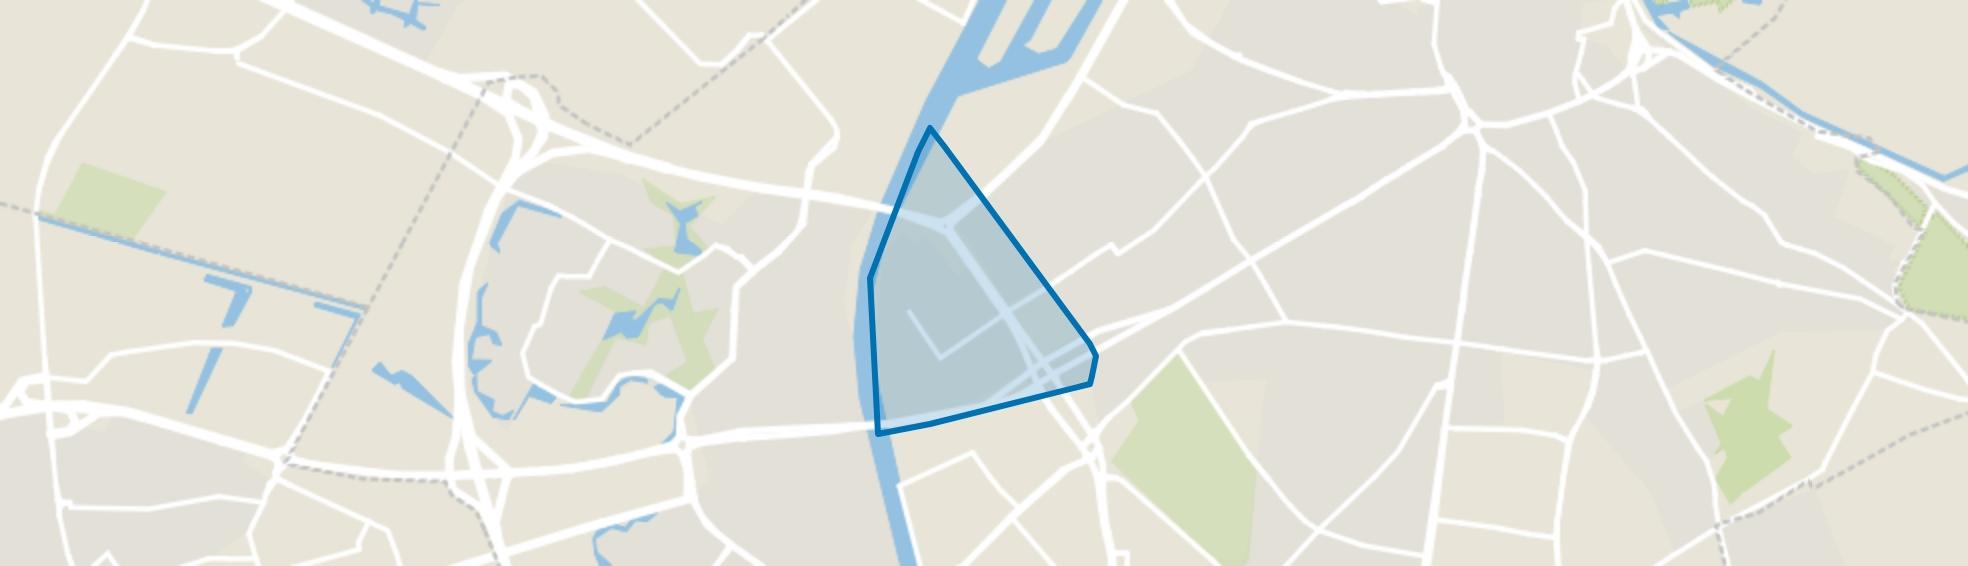 Neerbosch-Oost, Nijmegen map